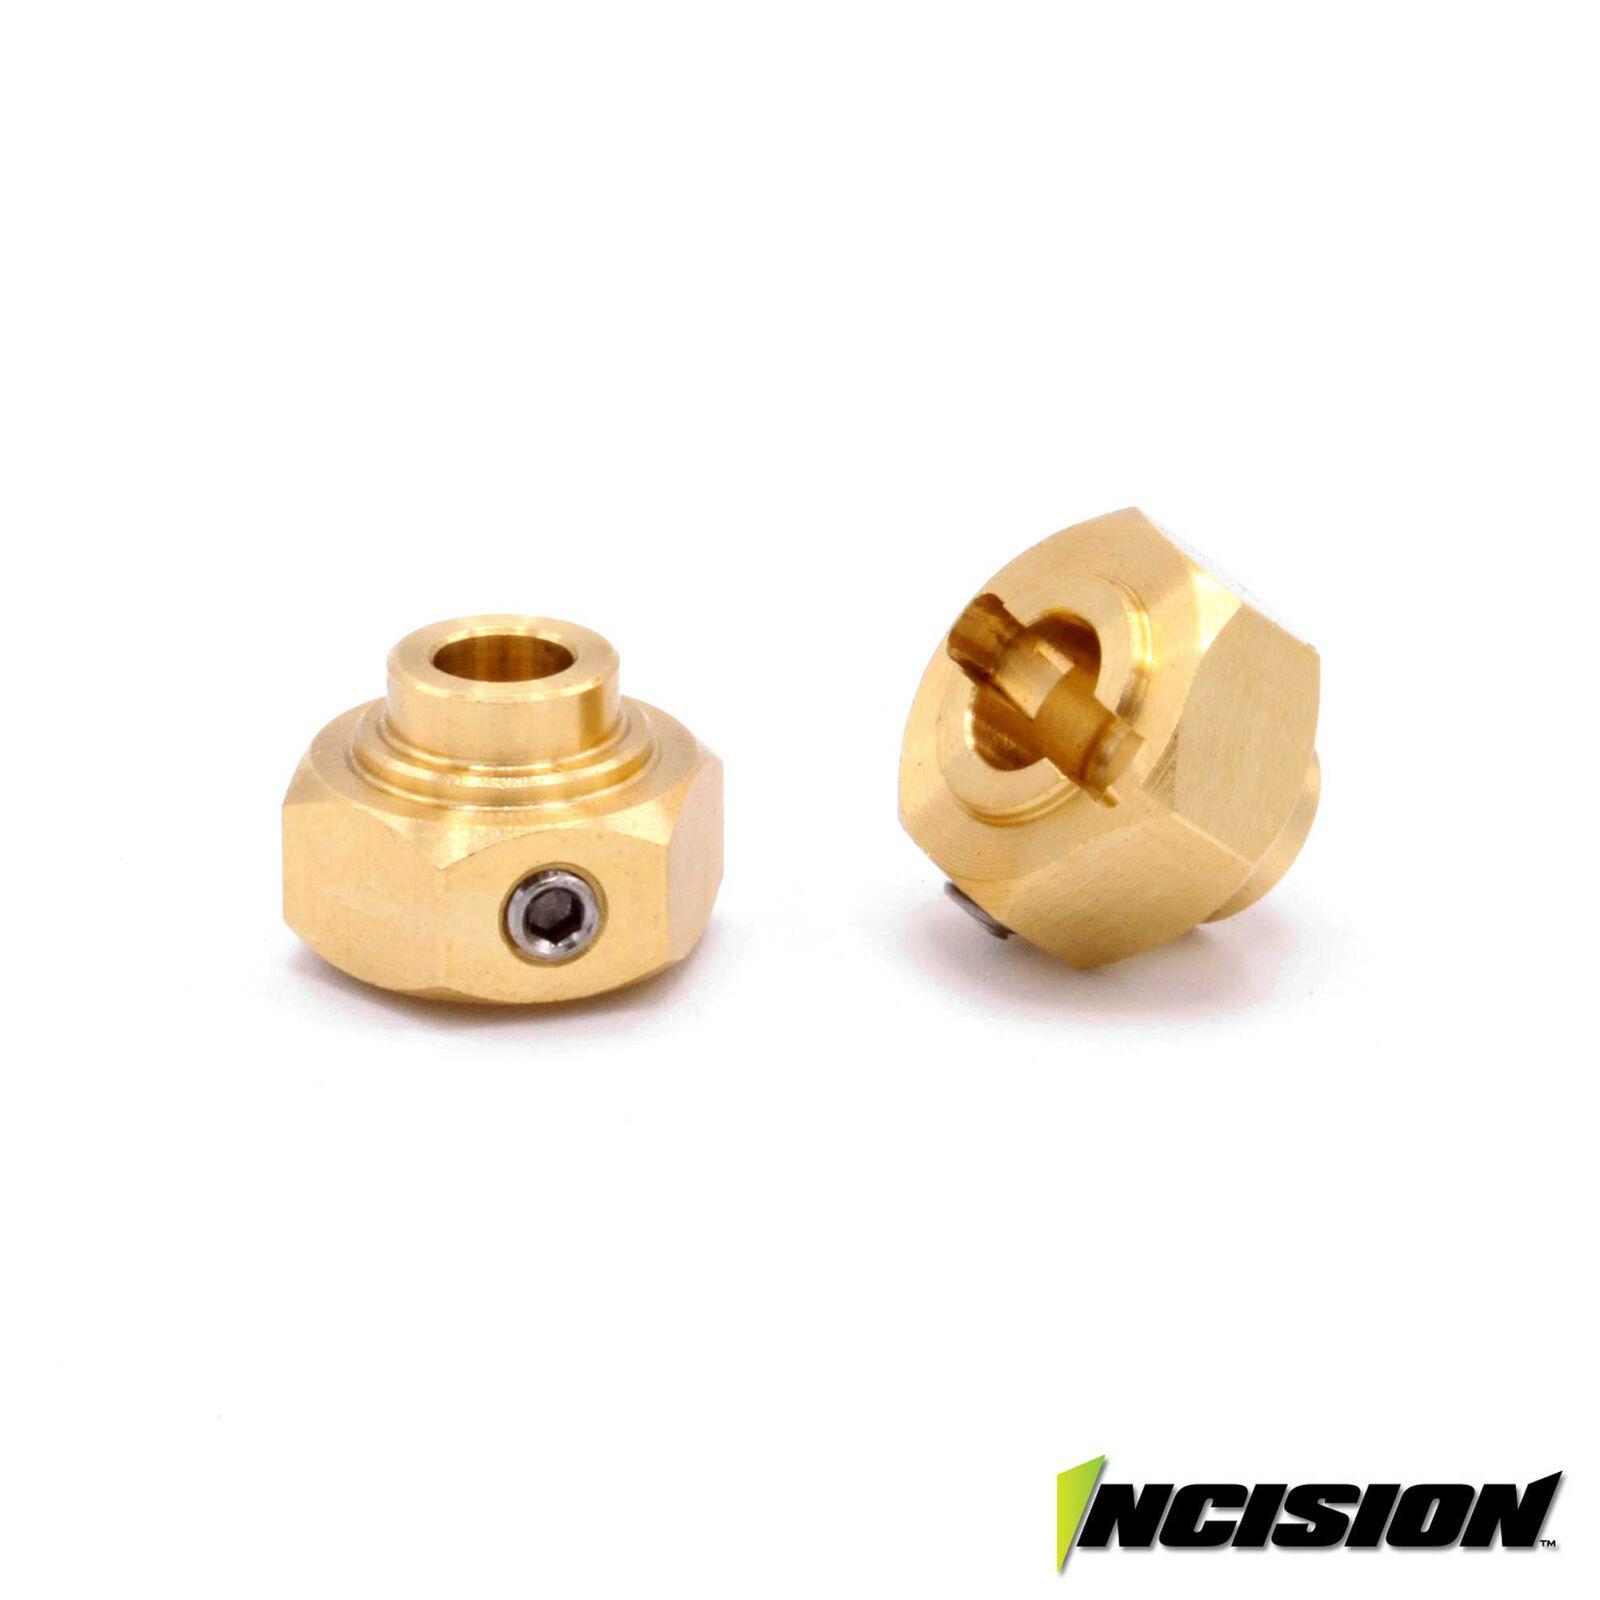 Brass 12mm Hex